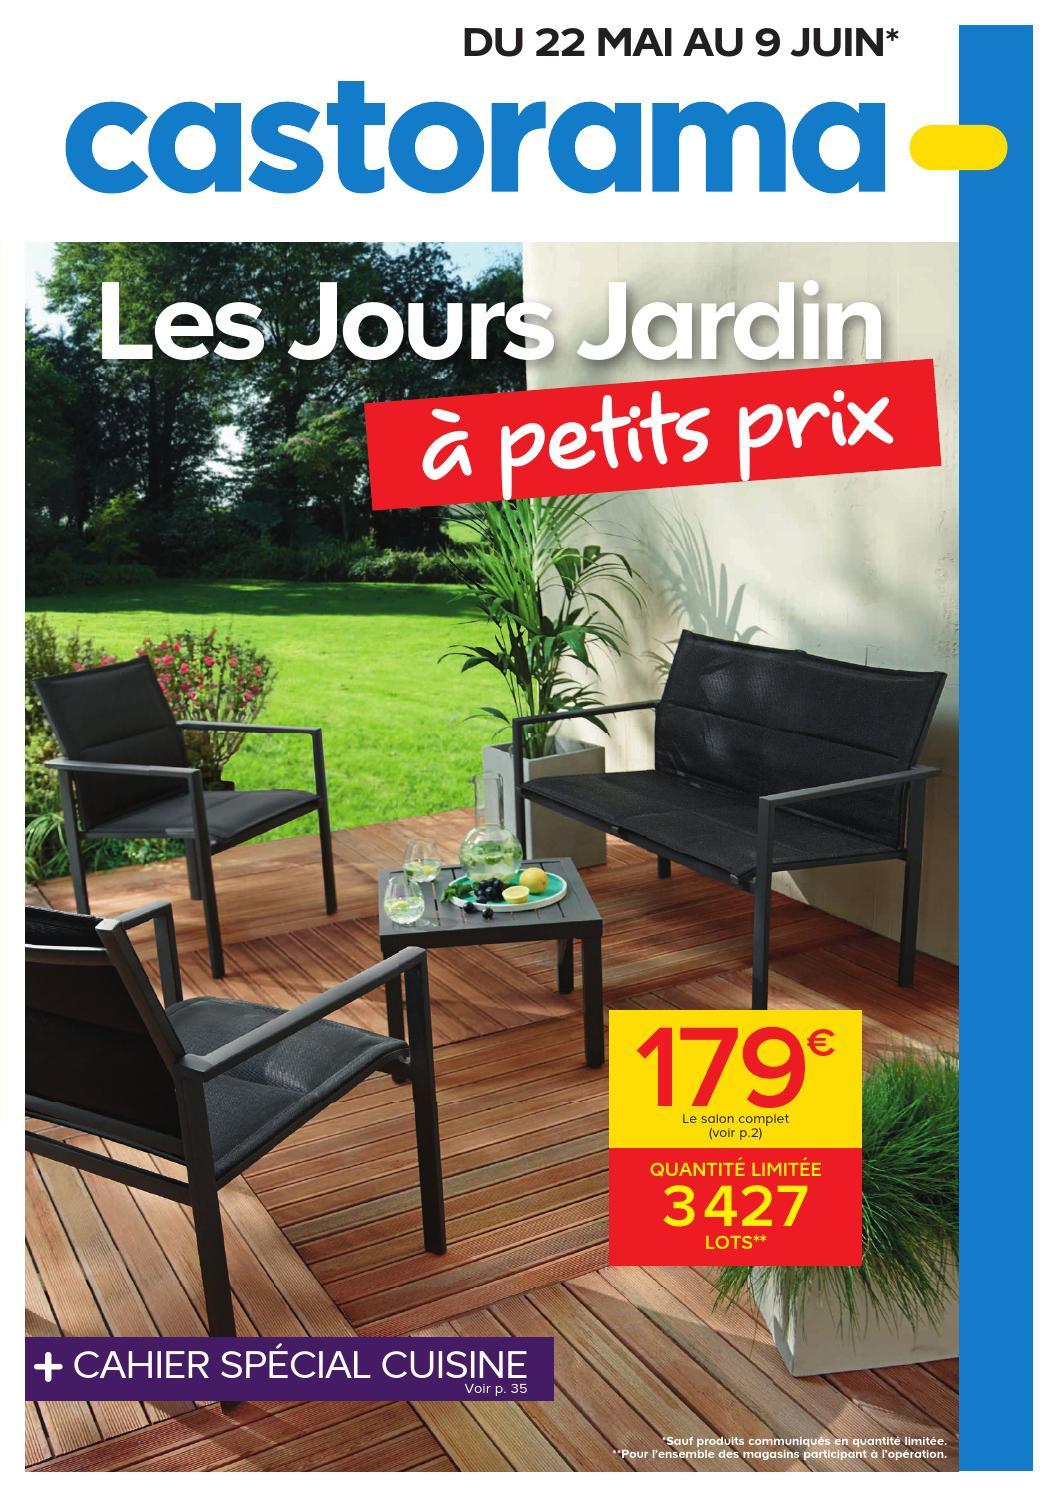 Castorama Catalogue 22Mai 9Juin2015 By Promocatalogues ... concernant Coffre De Jardin Castorama